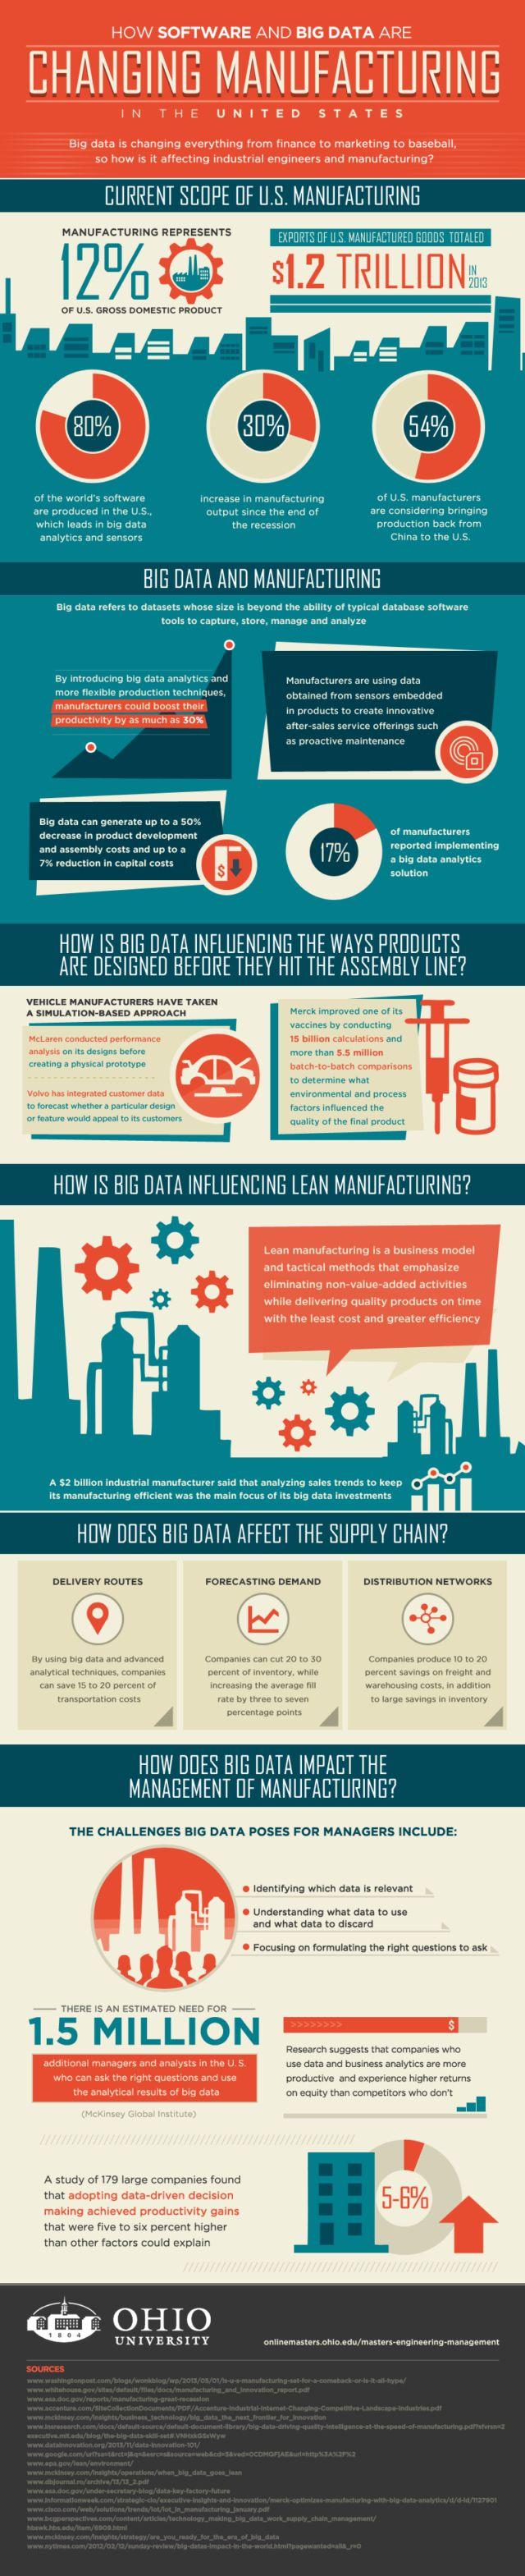 The Impact of Big Data and Analytics